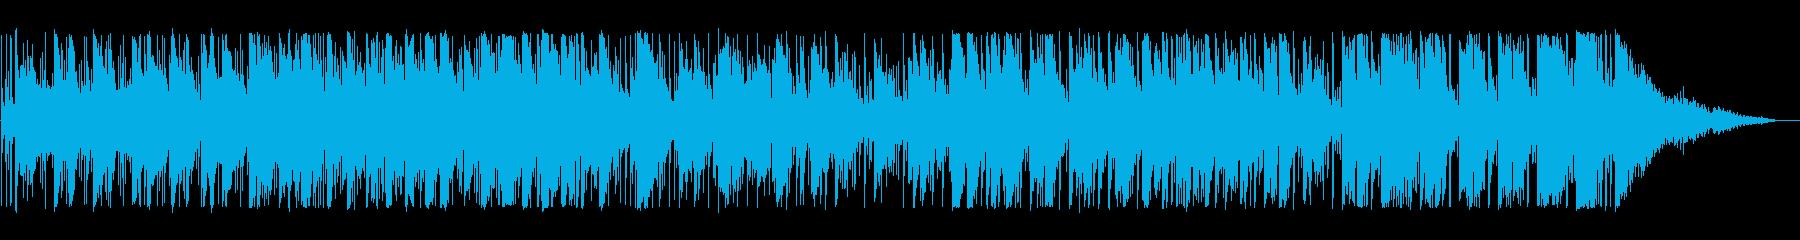 ポップ センチメンタル 感情的 静...の再生済みの波形